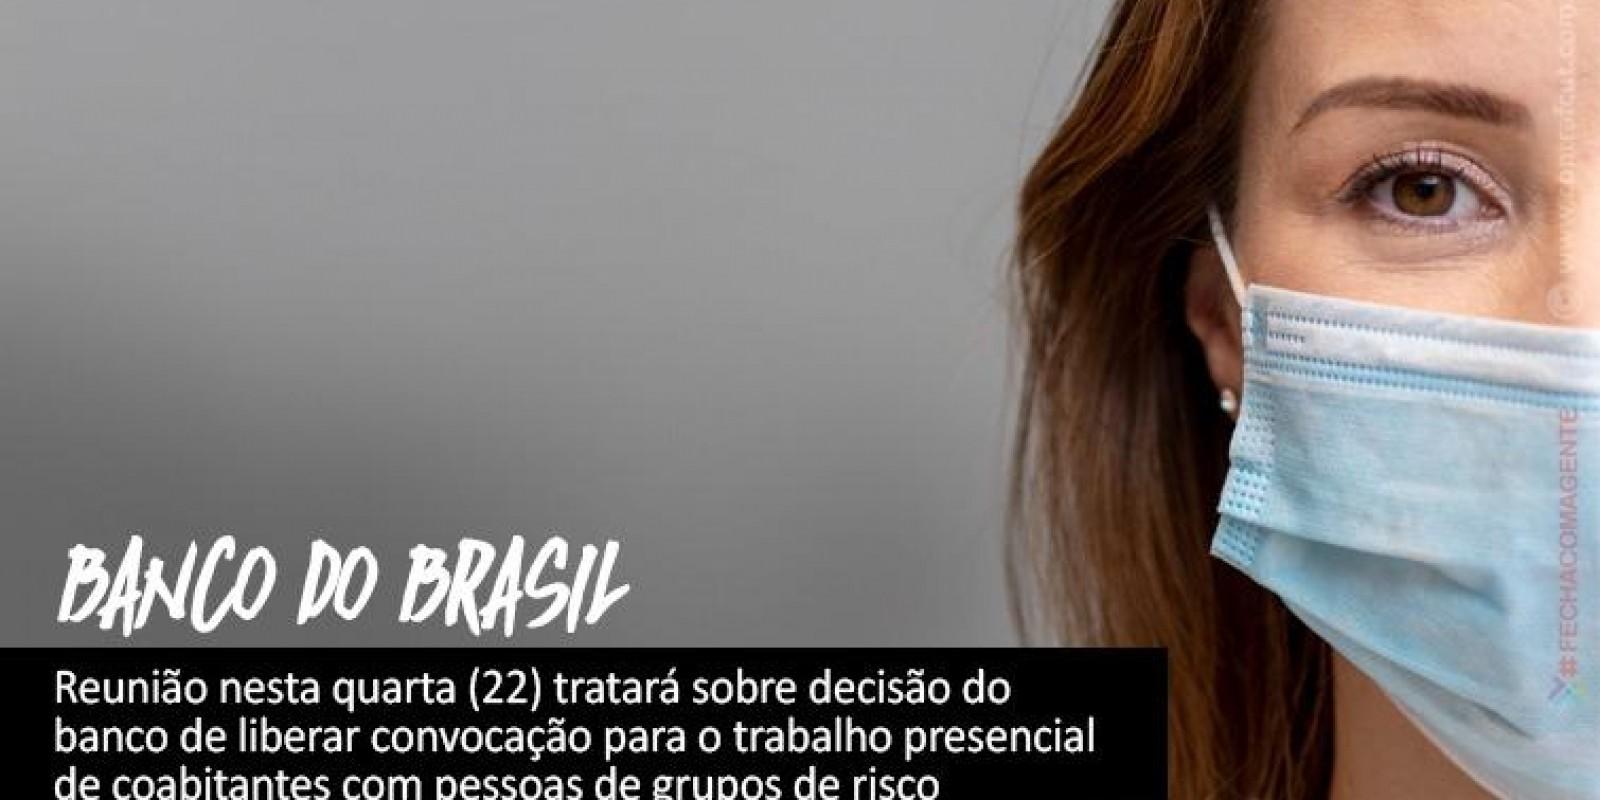 Banco do Brasil convoca retorno ao trabalho